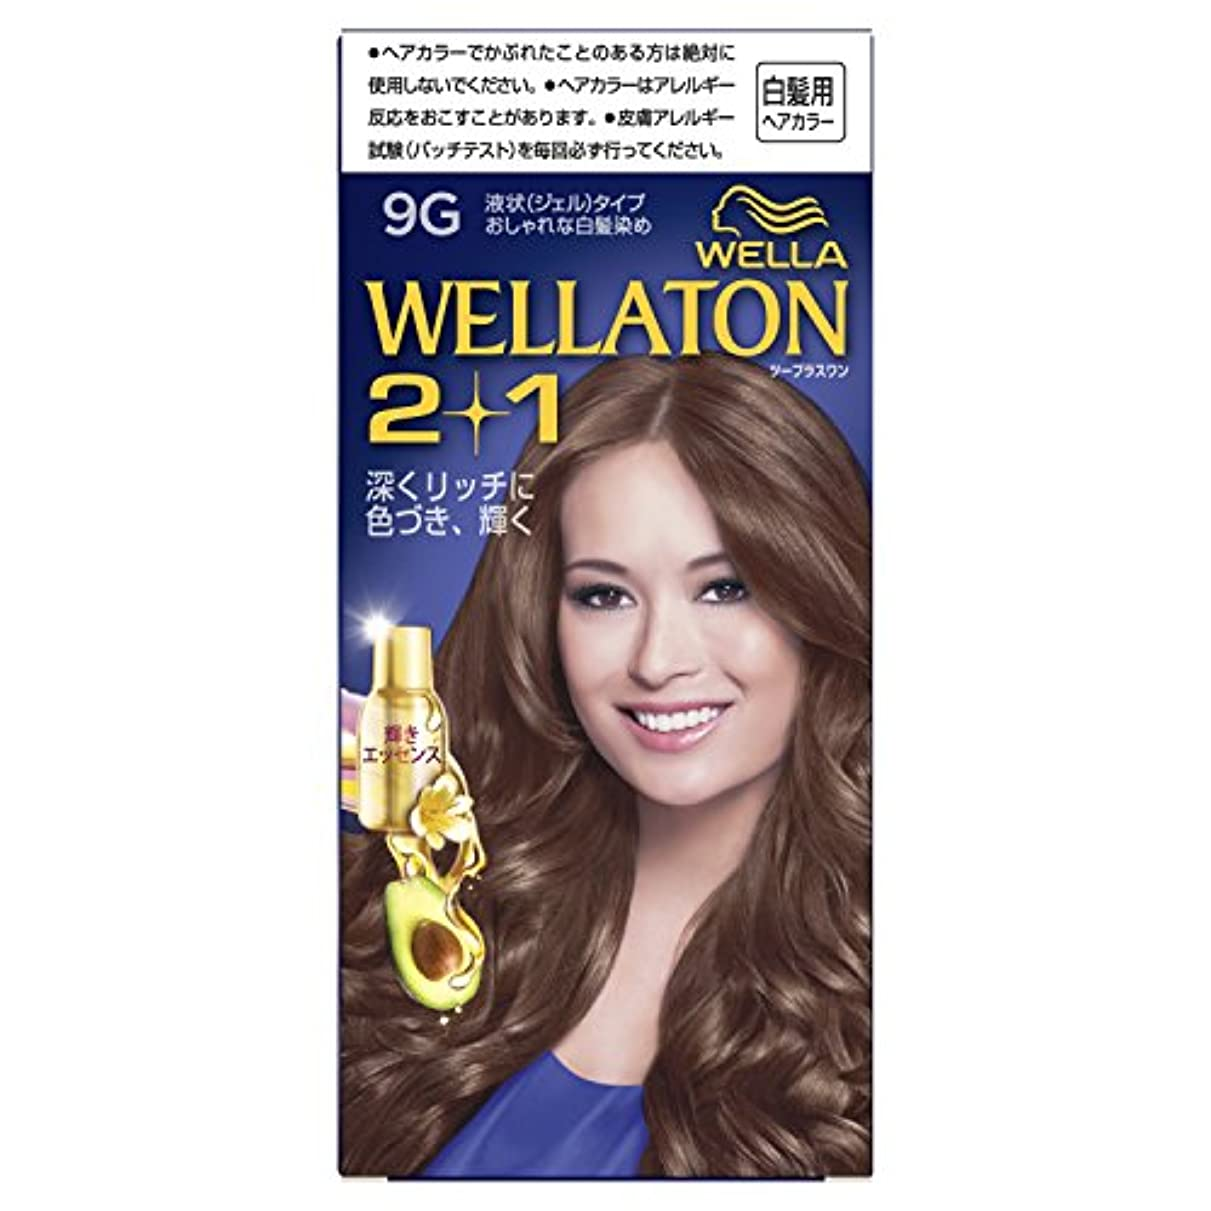 バトルガイドライン注入するウエラトーン2+1 液状タイプ 9G [医薬部外品](おしゃれな白髪染め)